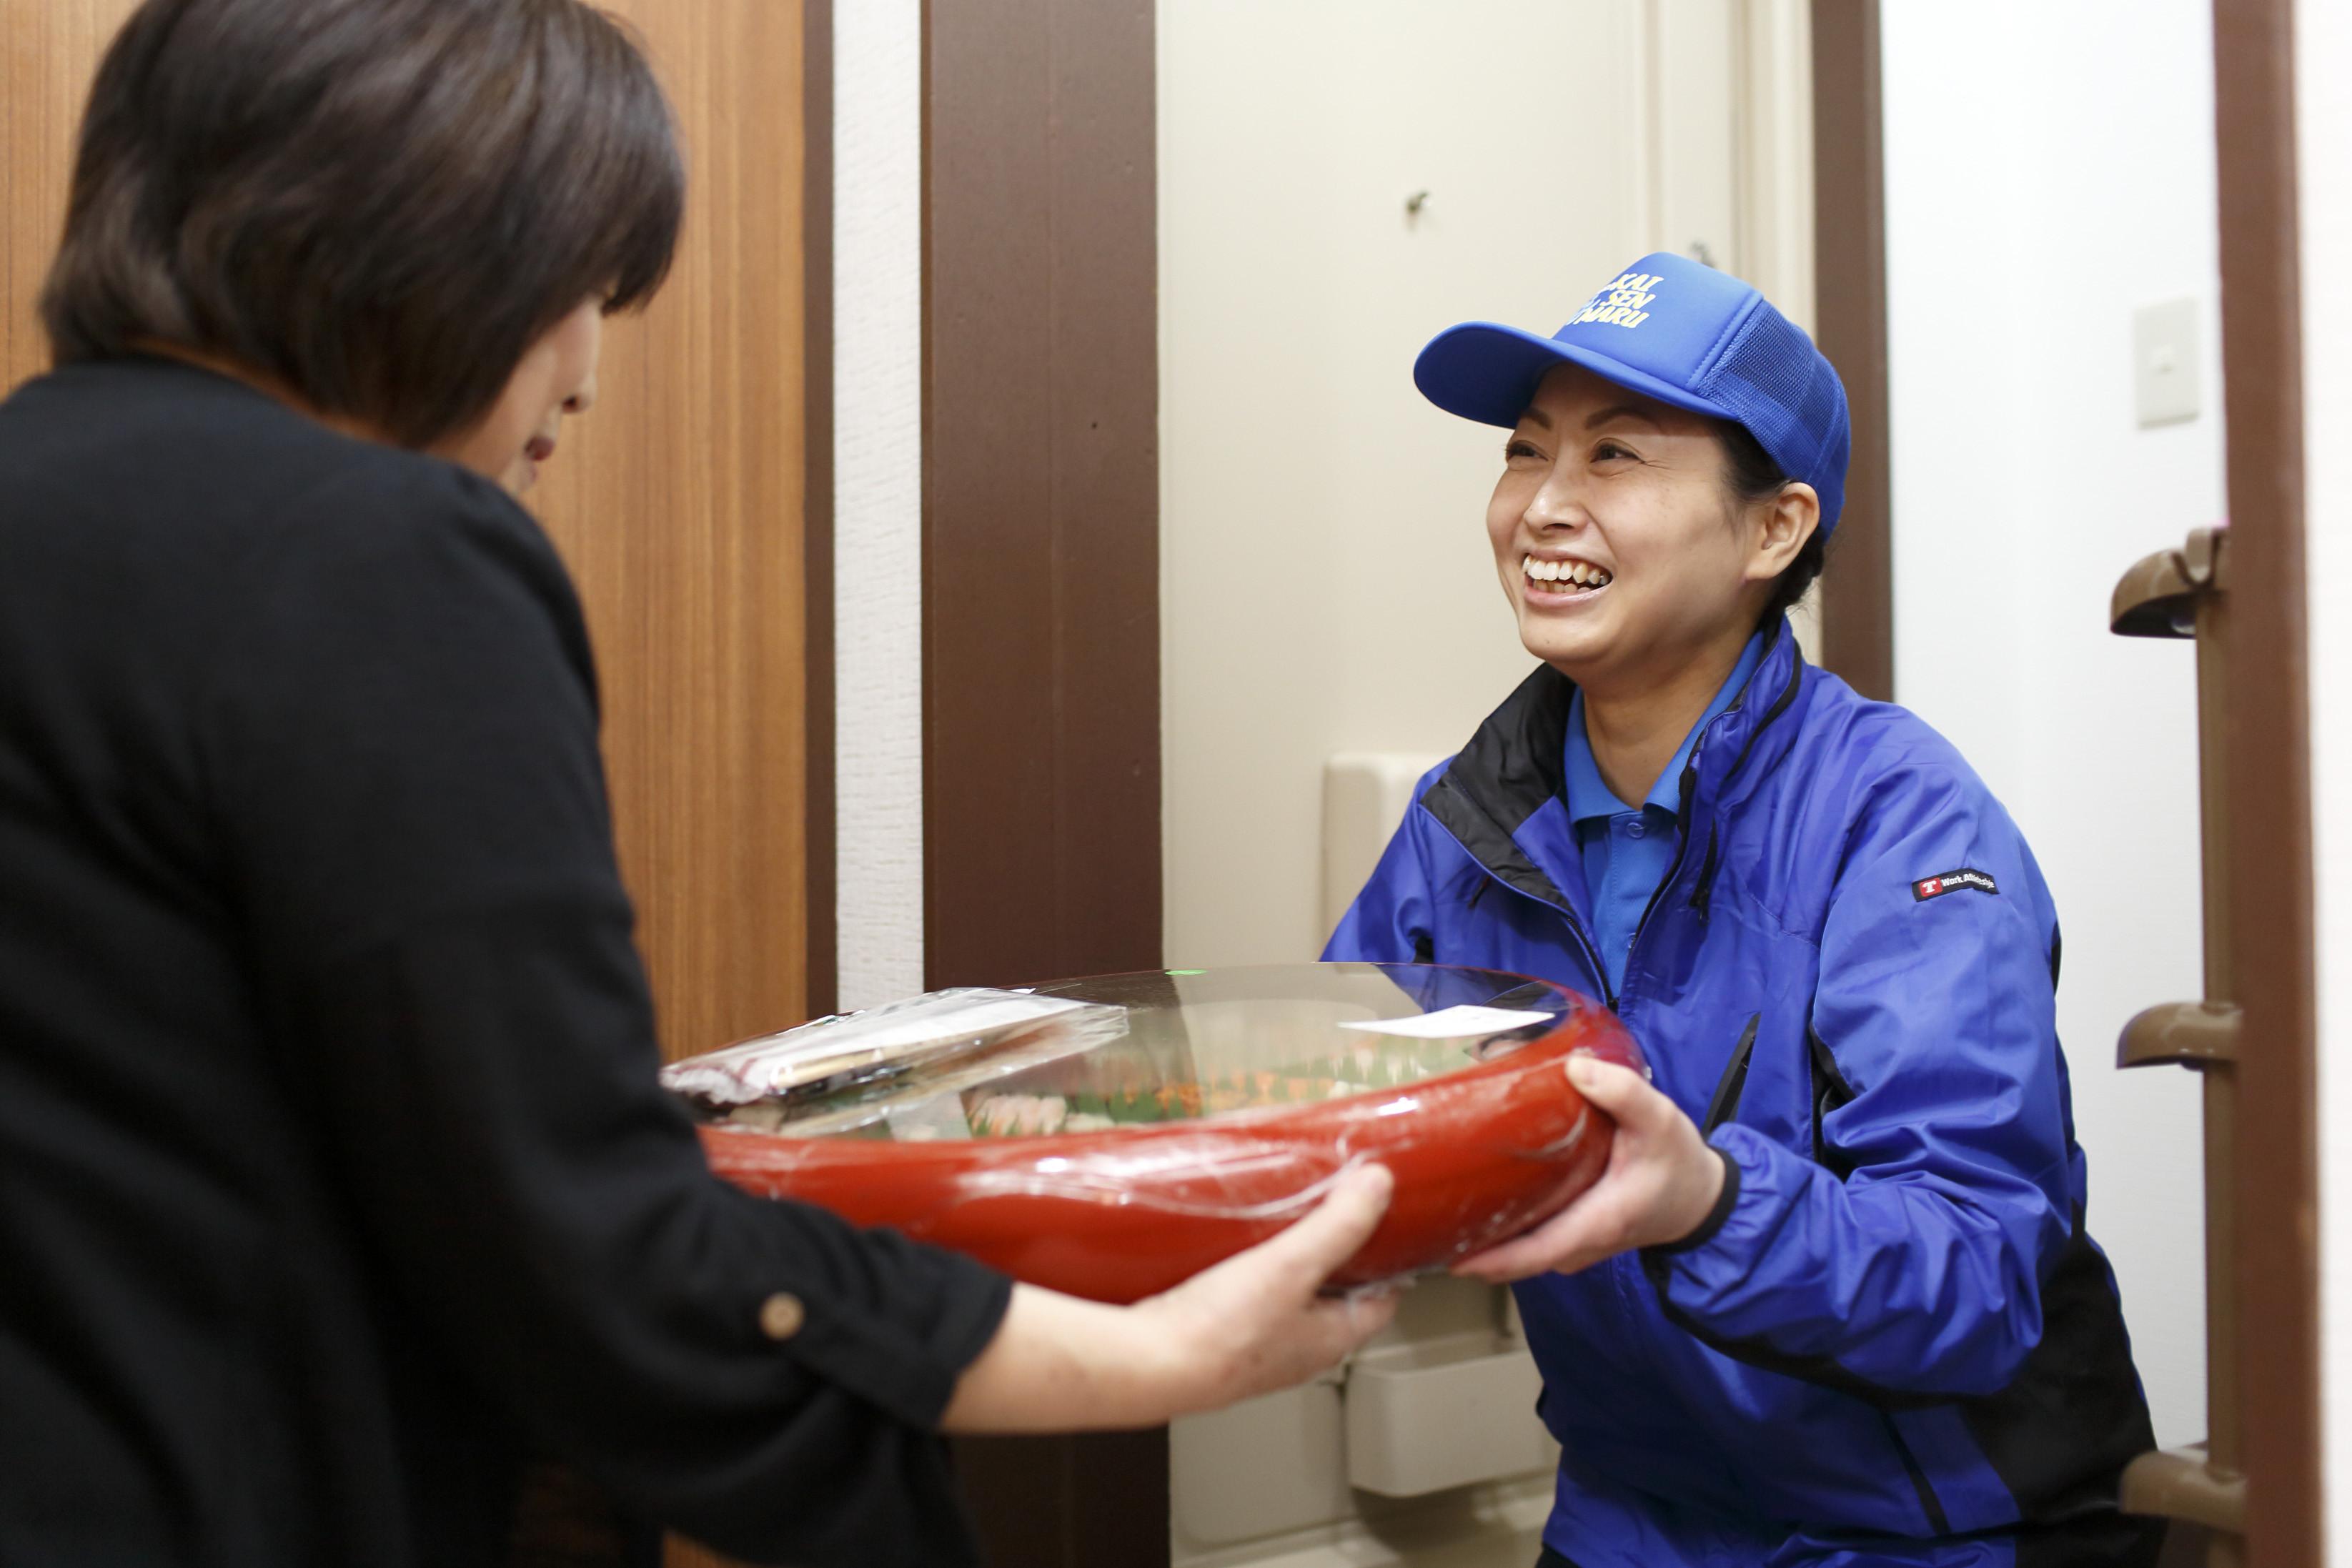 札幌海鮮丸 太平店 デリバリー(配達)スタッフのアルバイト情報